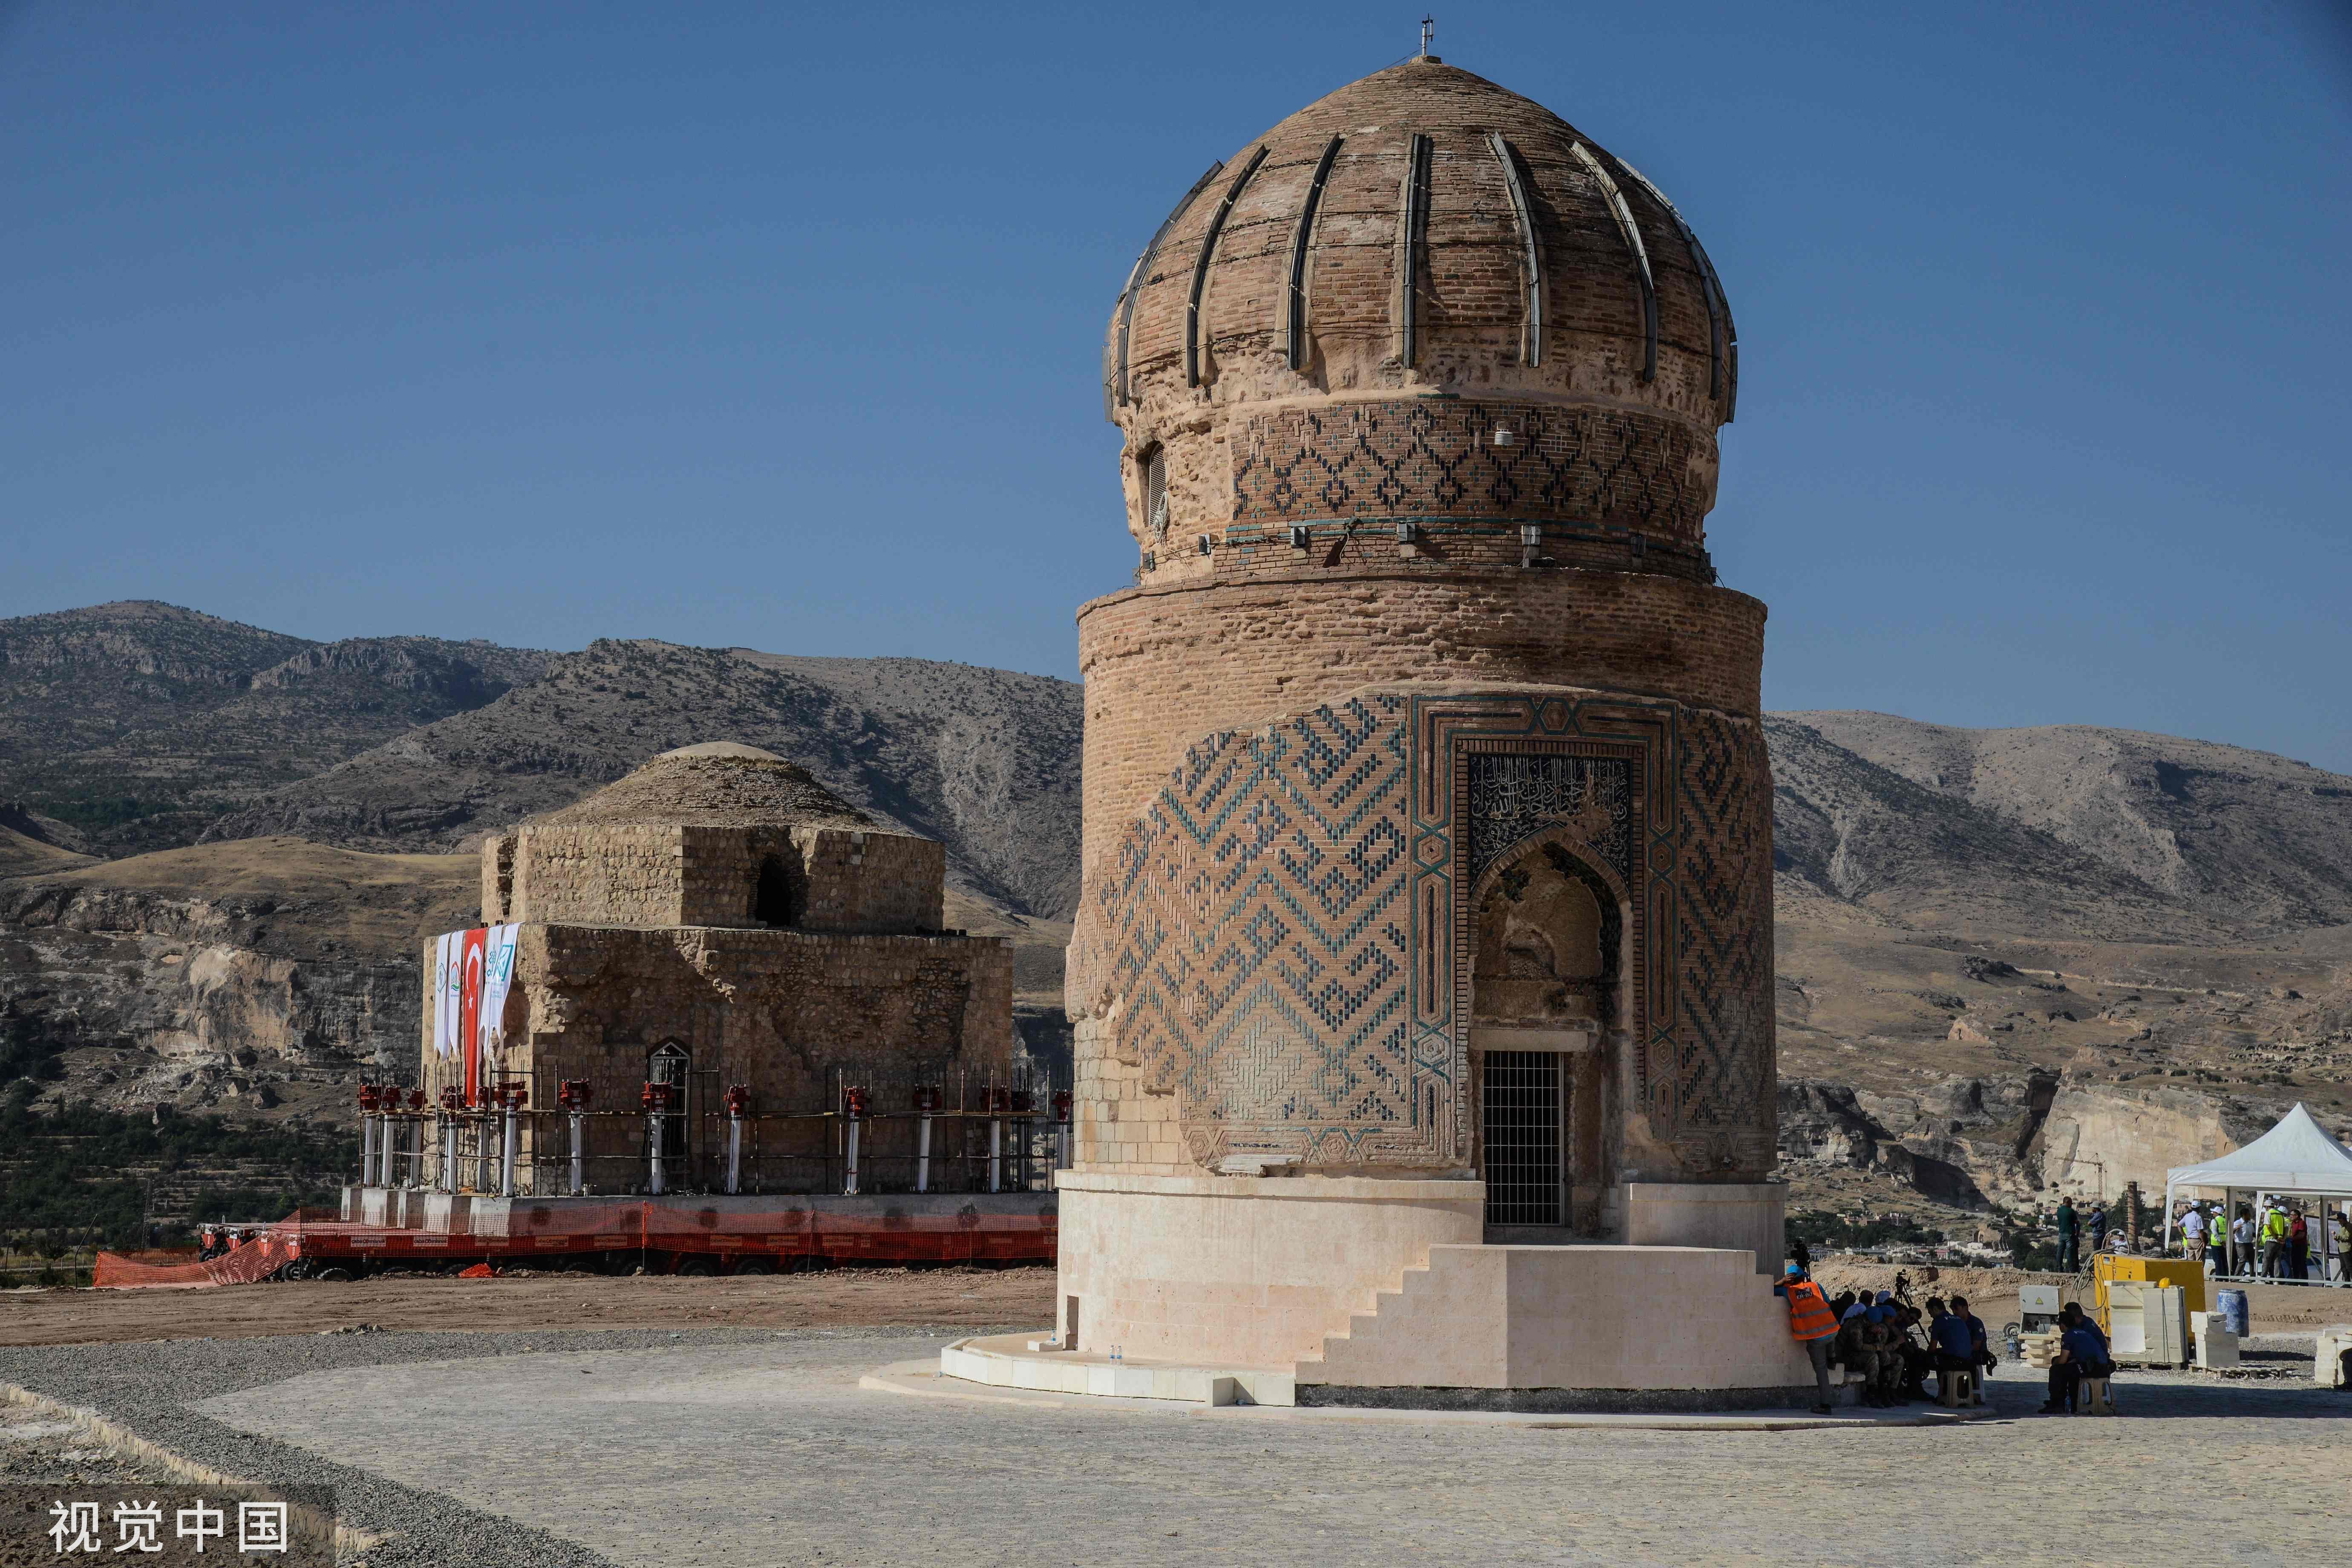 土耳其水电站争议十余年终将启动蓄水,超11000年历史古遗址将被淹